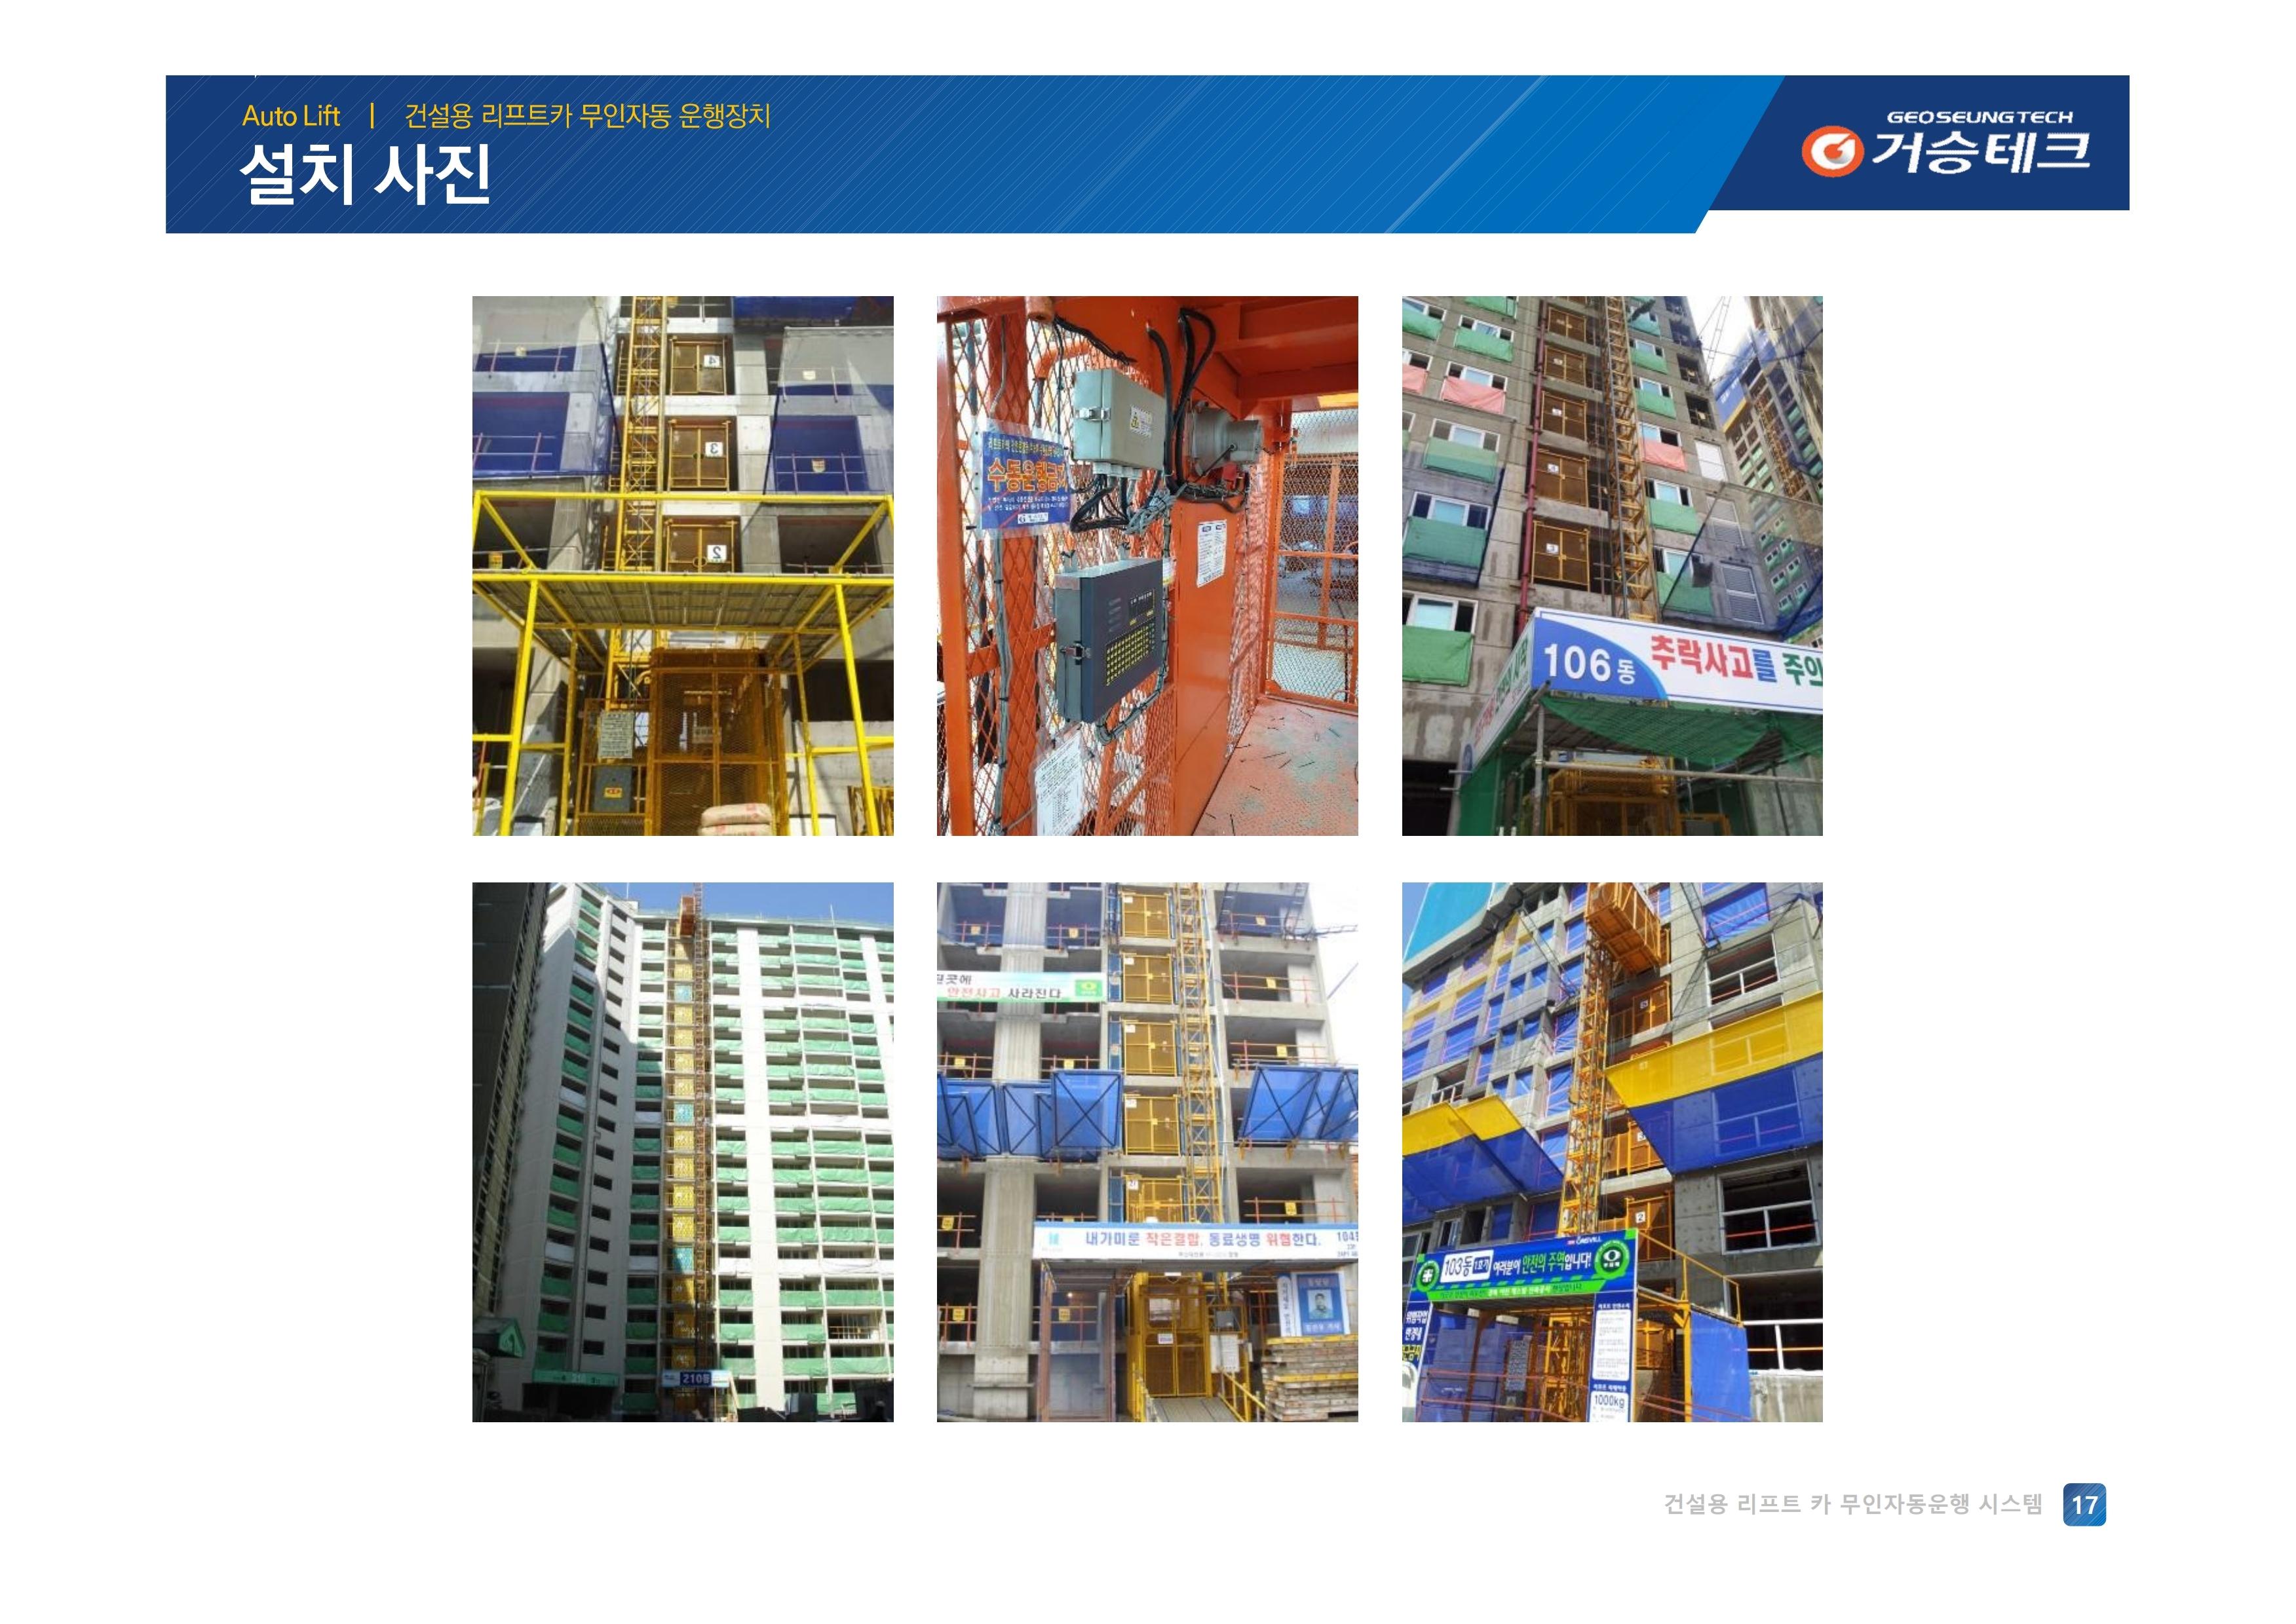 무인자동 (거승테크)-Rev01 (2020-07-22).pdf_page_17.jpg